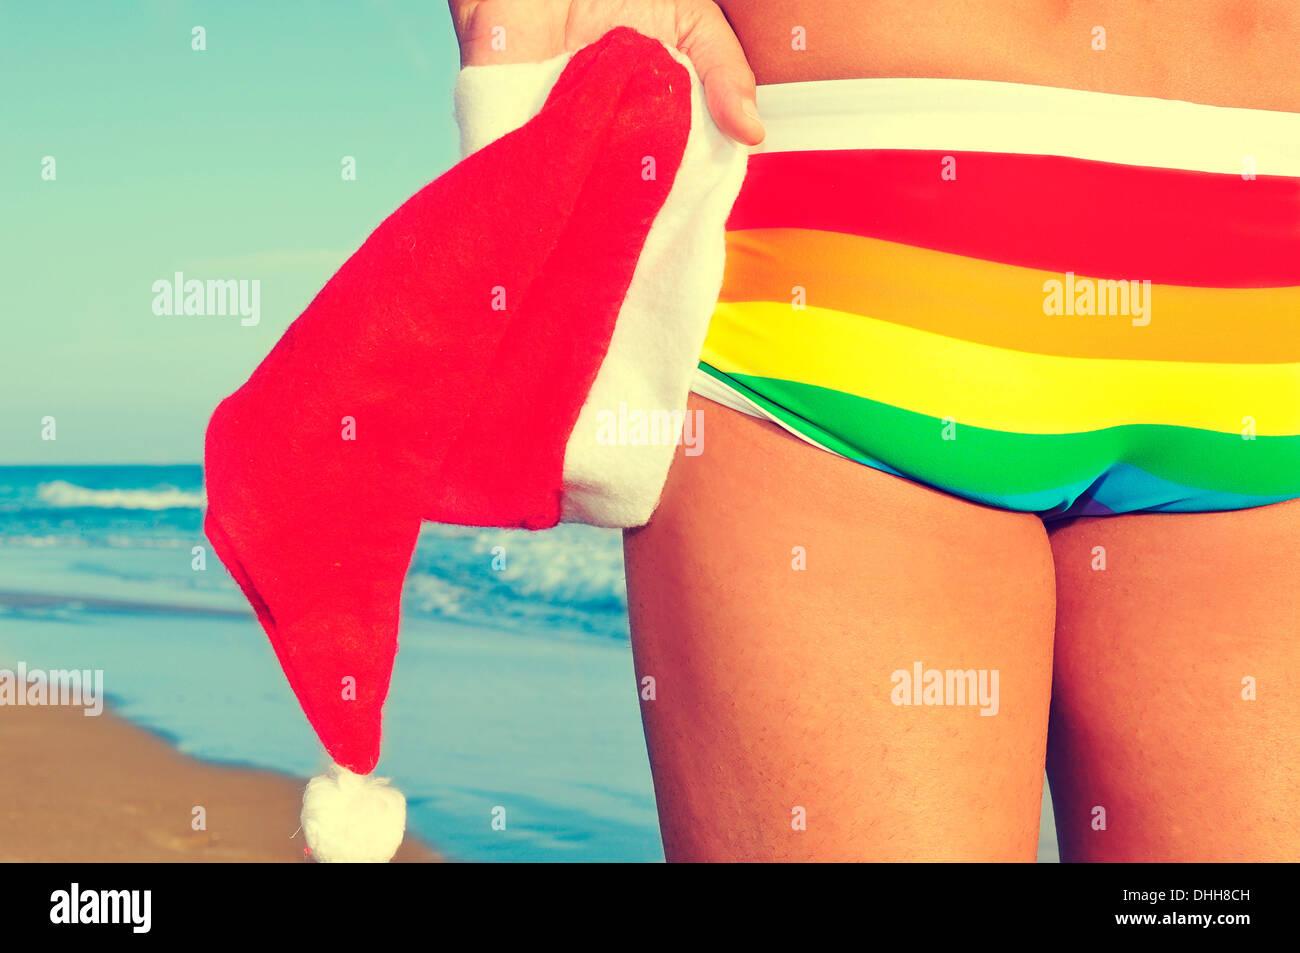 Qualcuno in spiaggia che indossa un costume da bagno arcobaleno e tenendo un cappello da Babbo Natale in mano Immagini Stock